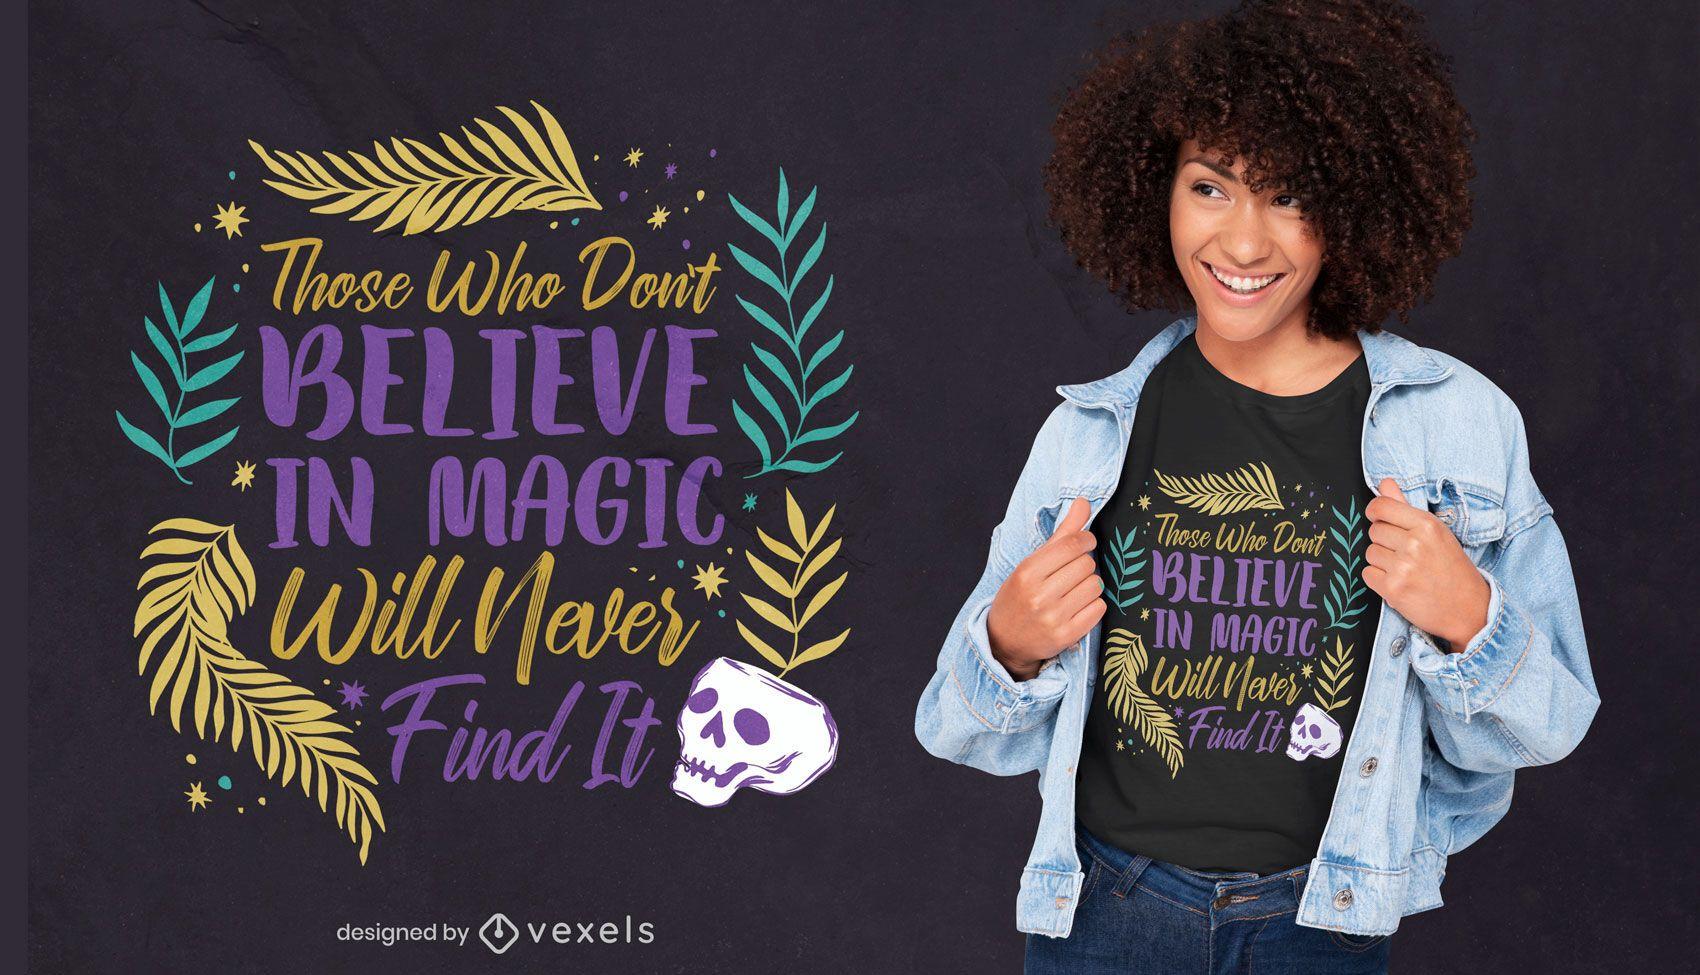 Acredite no design de camisetas com letras mágicas